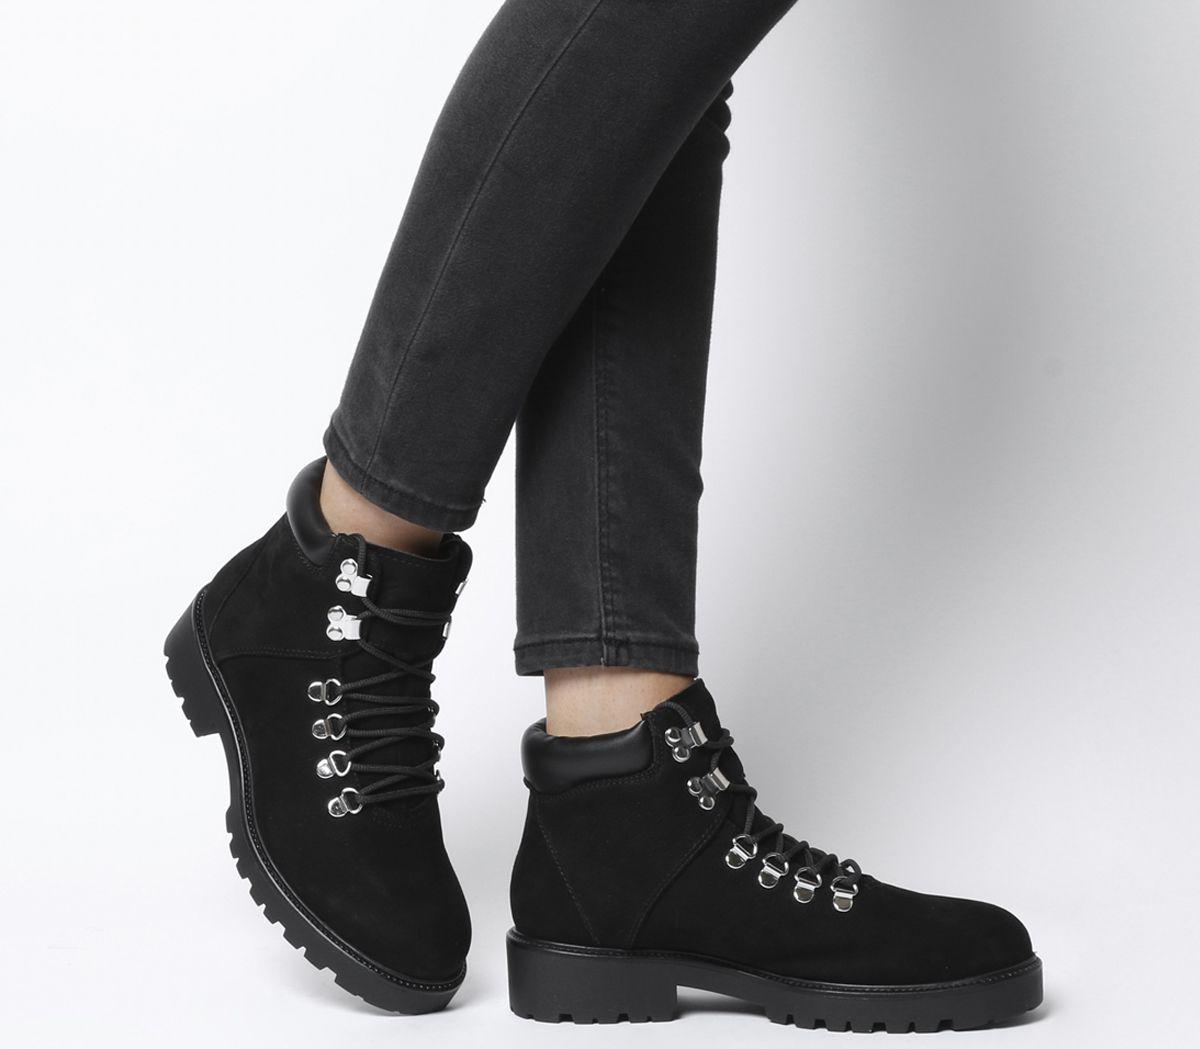 09feb4d0426 Kenova Hiker Boots